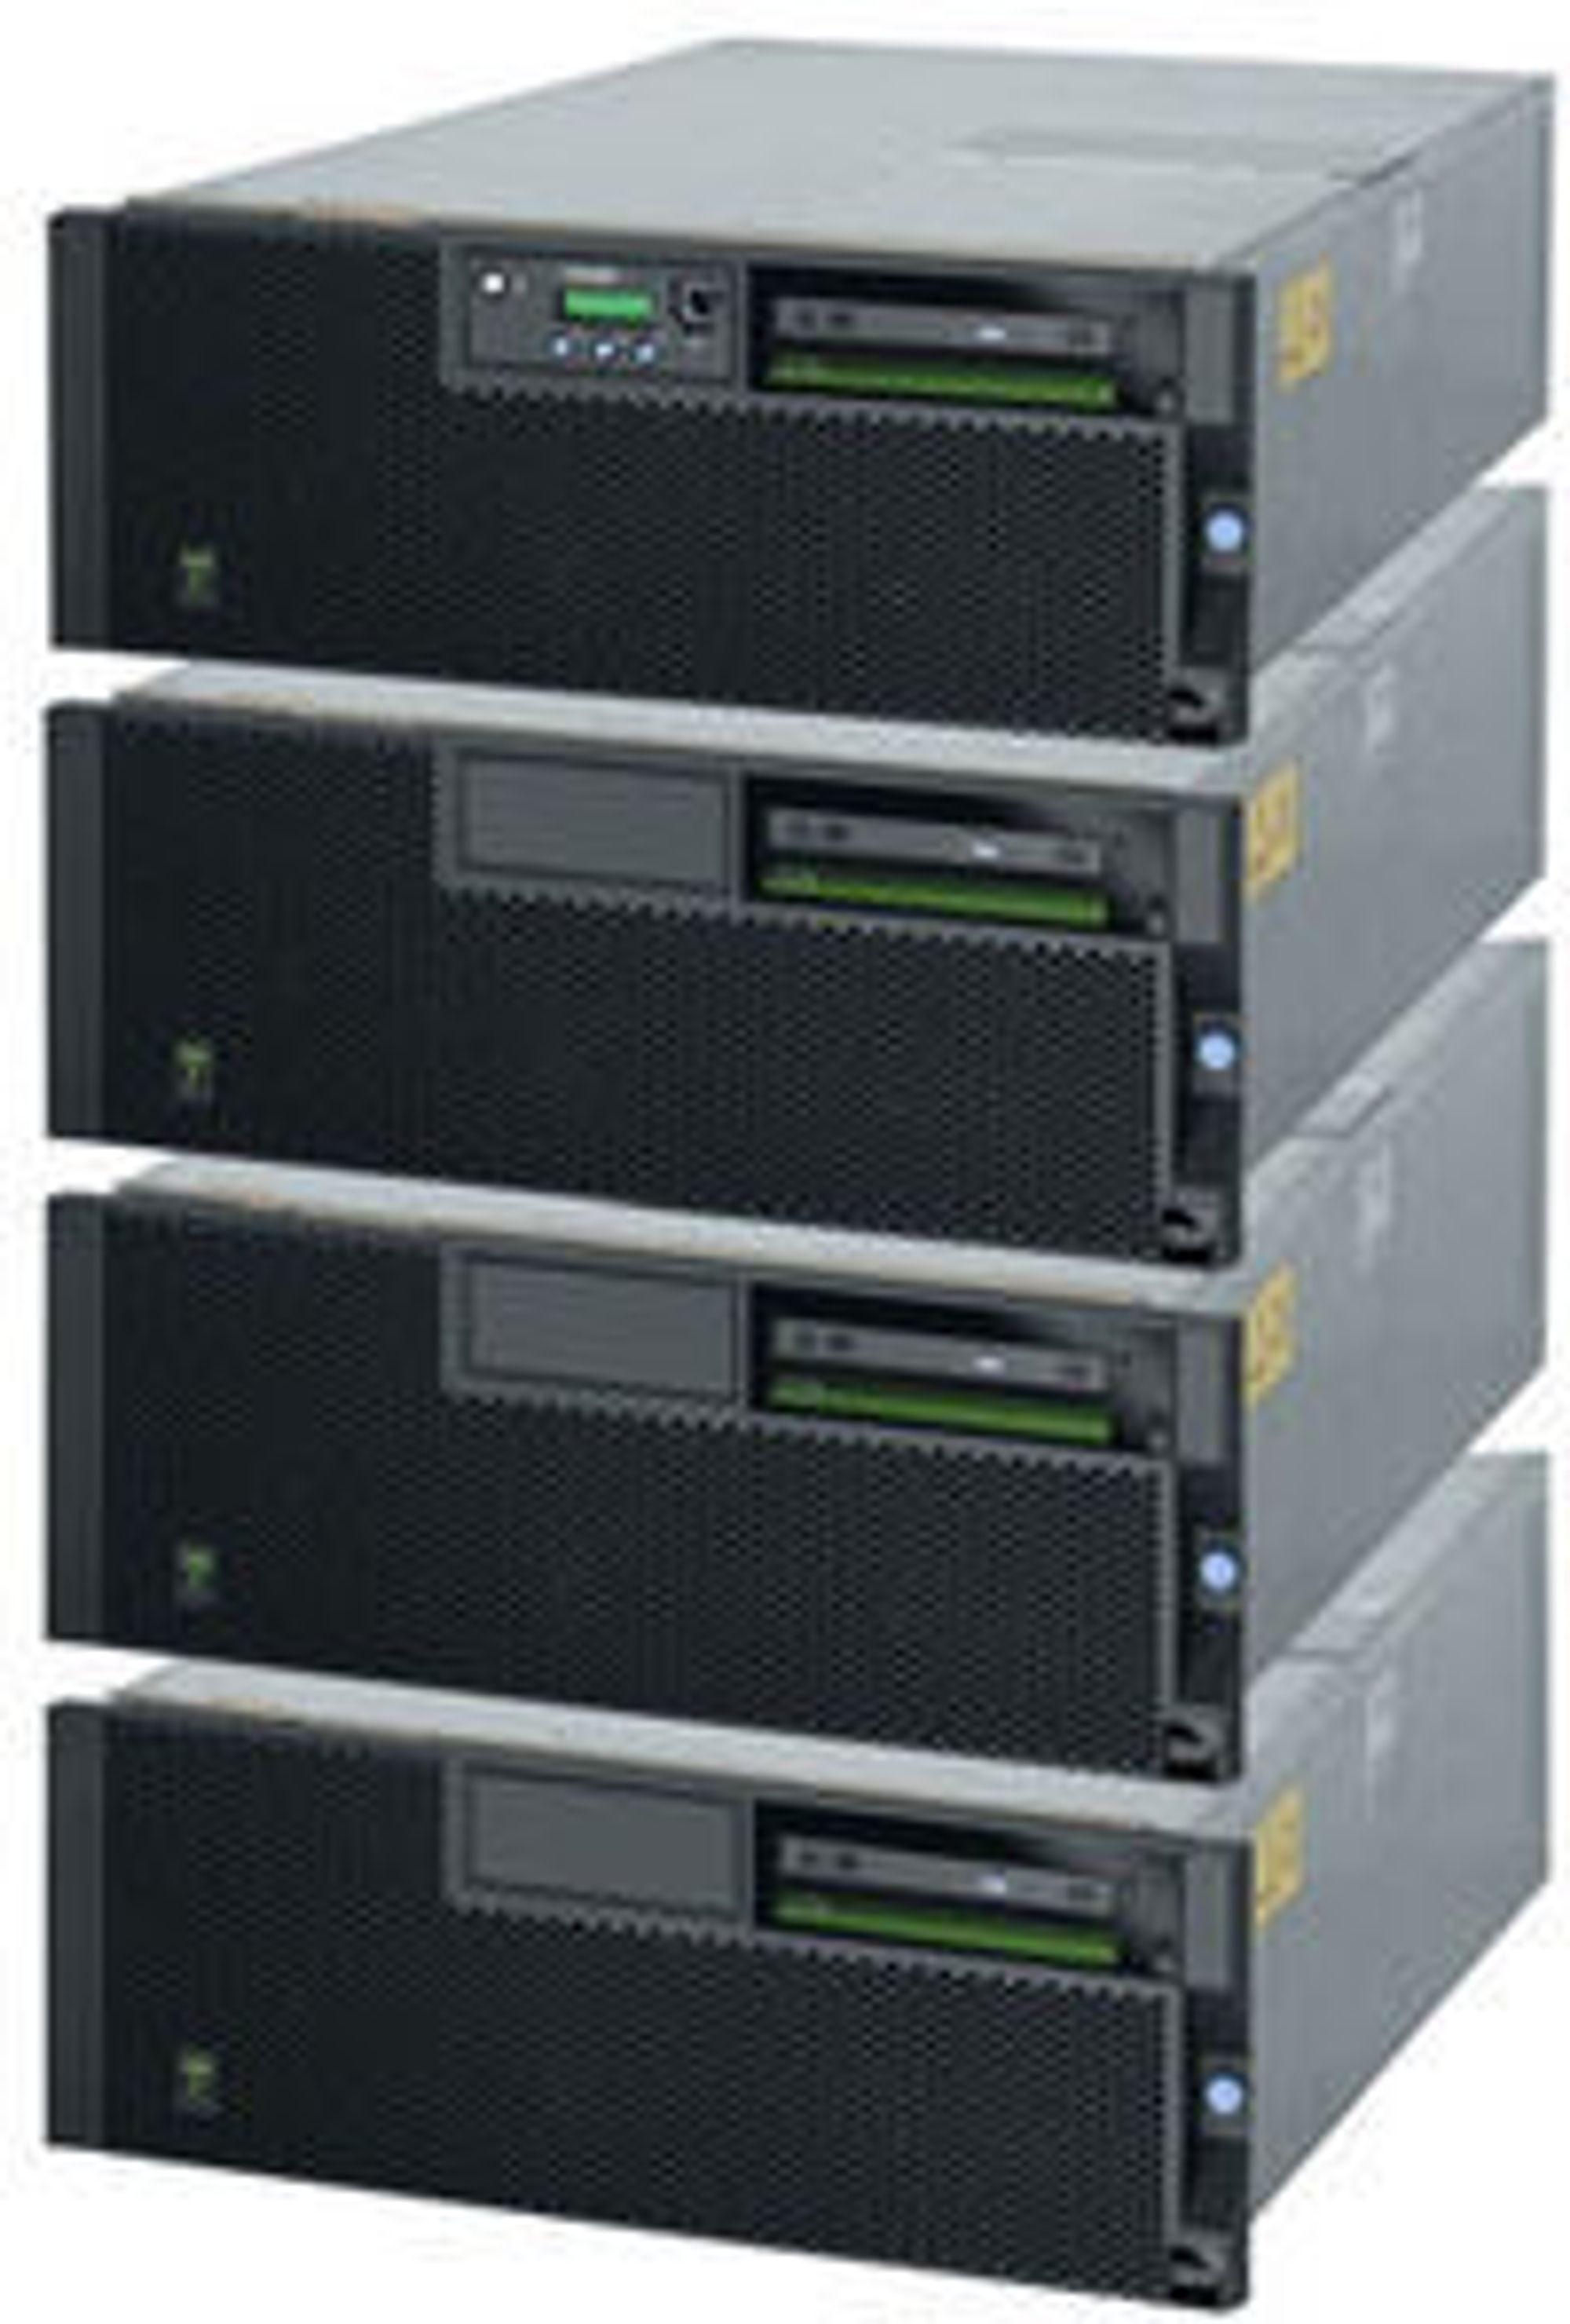 IBM Power 570 er blant systemene som kan oppgraderes til Power7-prosessoren.